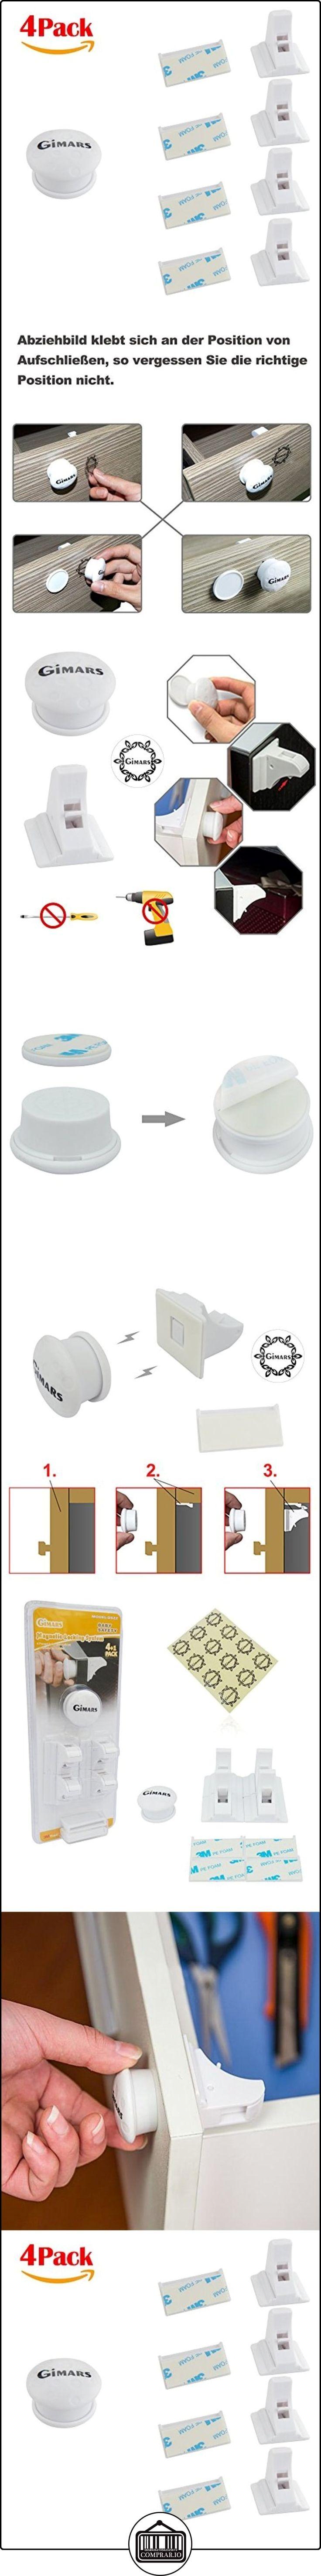 GIMARS- Cerradura magnética de seguridad para bebé y niños, Se uliliza en armario, cajón y guardarropa, 4 Cierres+ 1 Llave, Con 12pcs 3M adhesivo  ✿ Seguridad para tu bebé - (Protege a tus hijos) ✿ ▬► Ver oferta: http://comprar.io/goto/B01FQ5HQCI